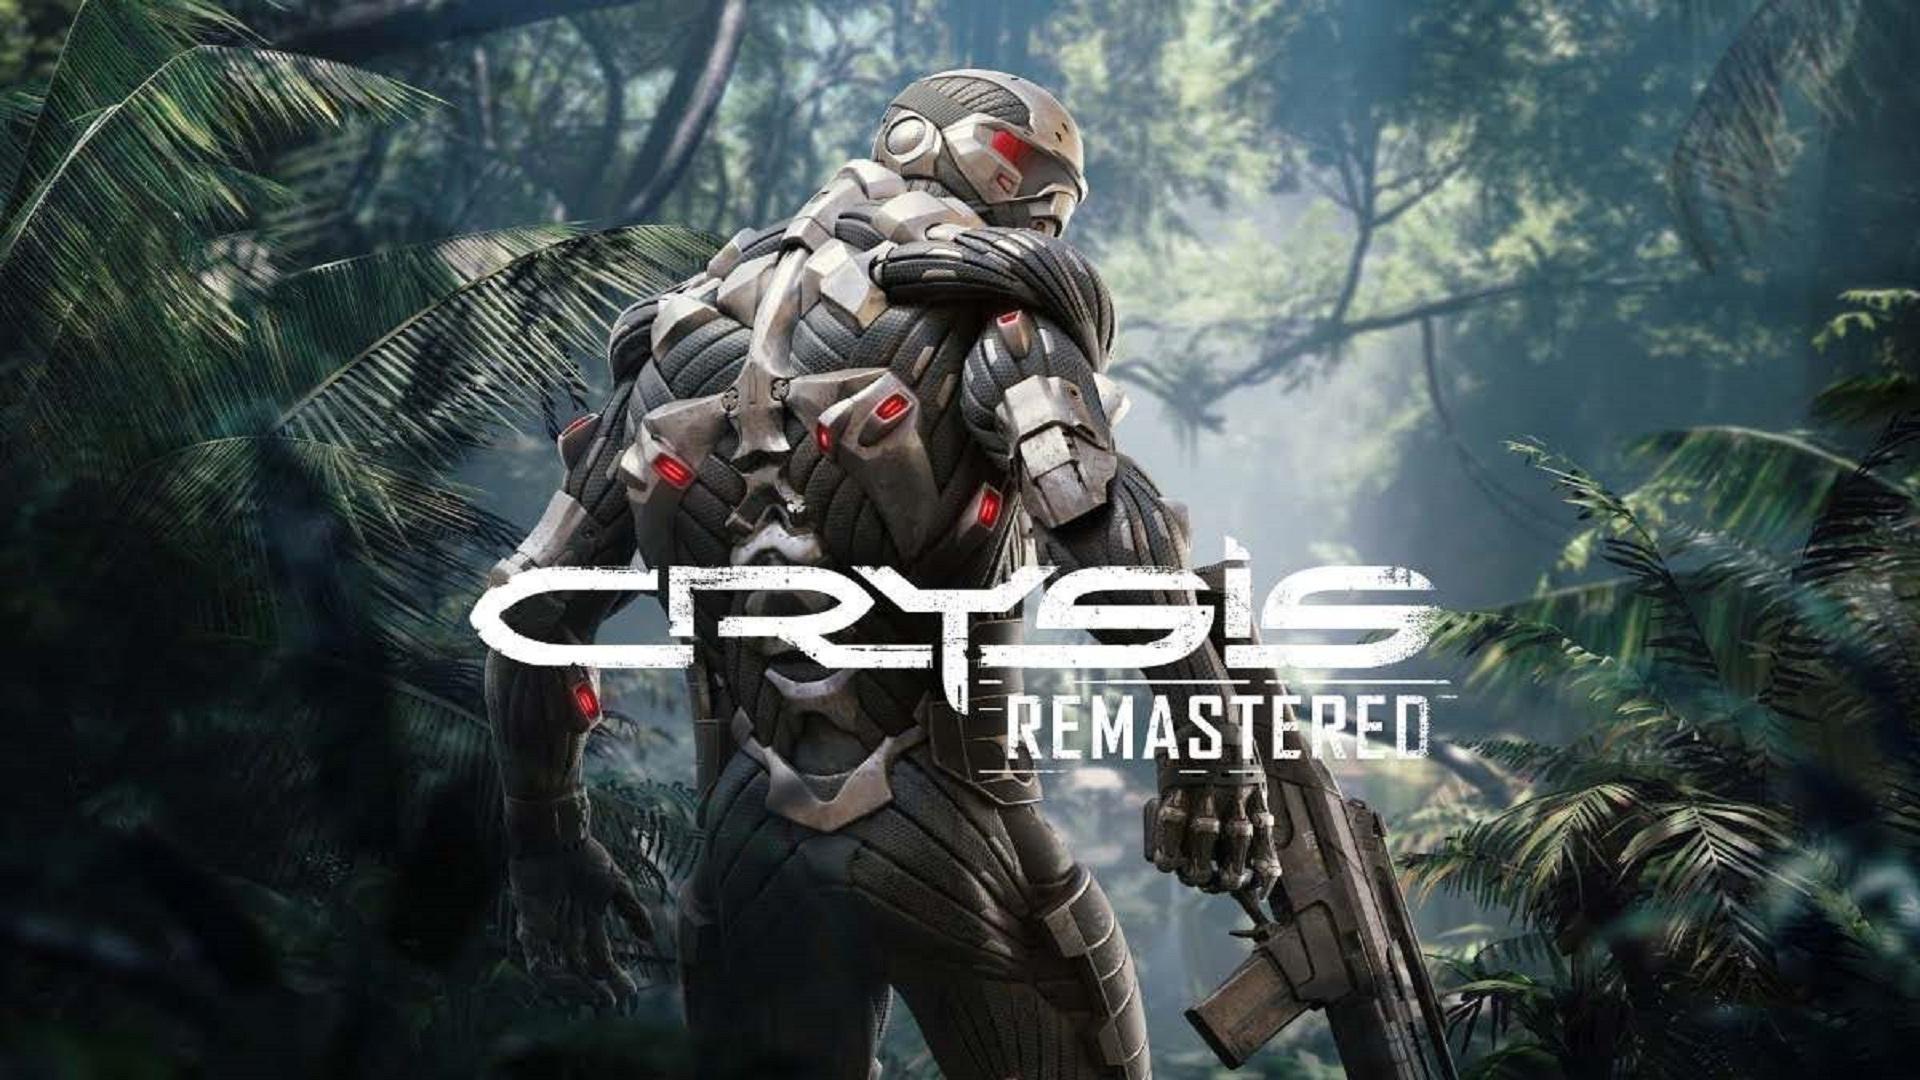 Le Paramètre Graphique Le Plus élevé De Crysis Remastered Est